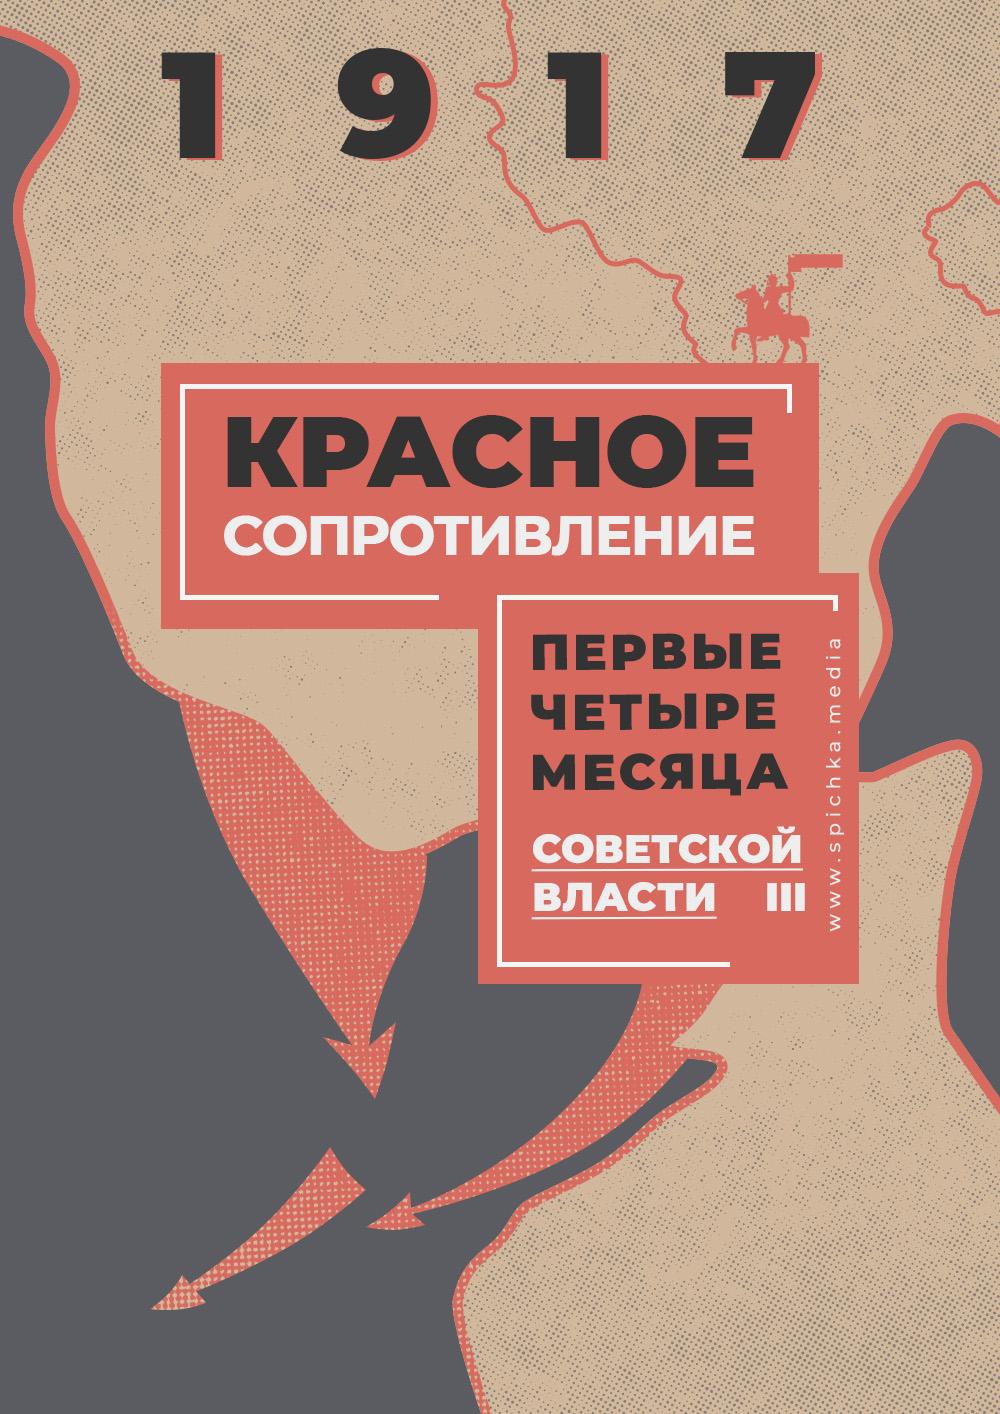 Первые четыре месяца Советской власти. Глава III